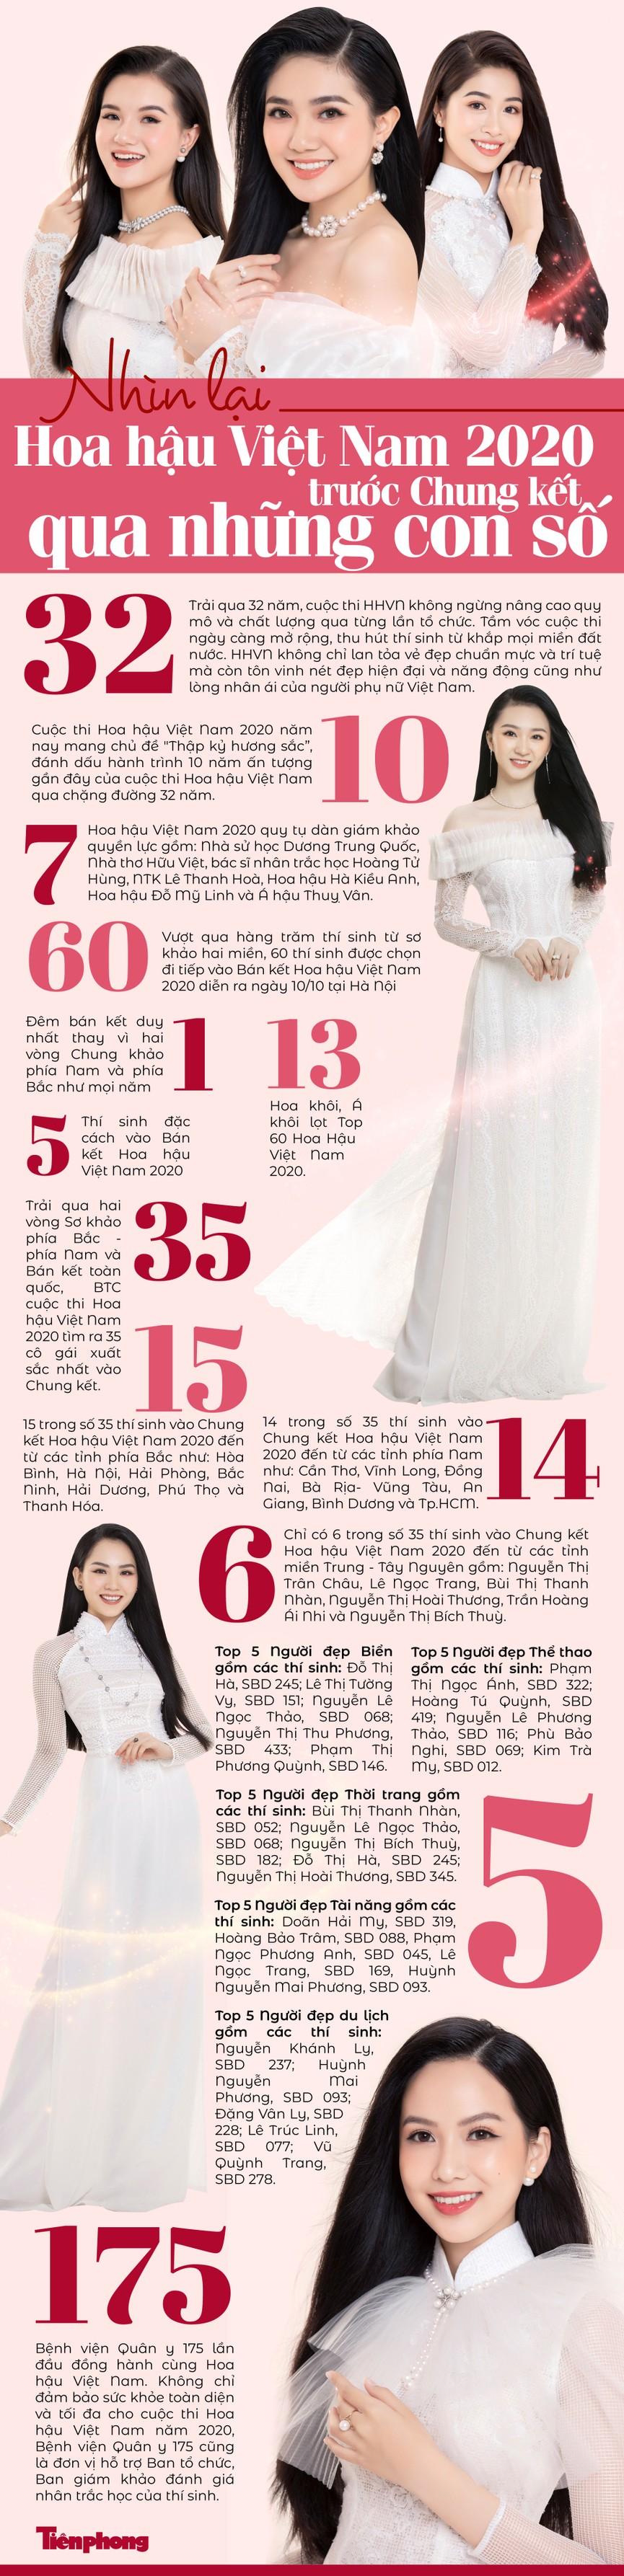 Nhìn lại Hoa hậu Việt Nam 2020  trước Chung kết qua những con số - ảnh 1